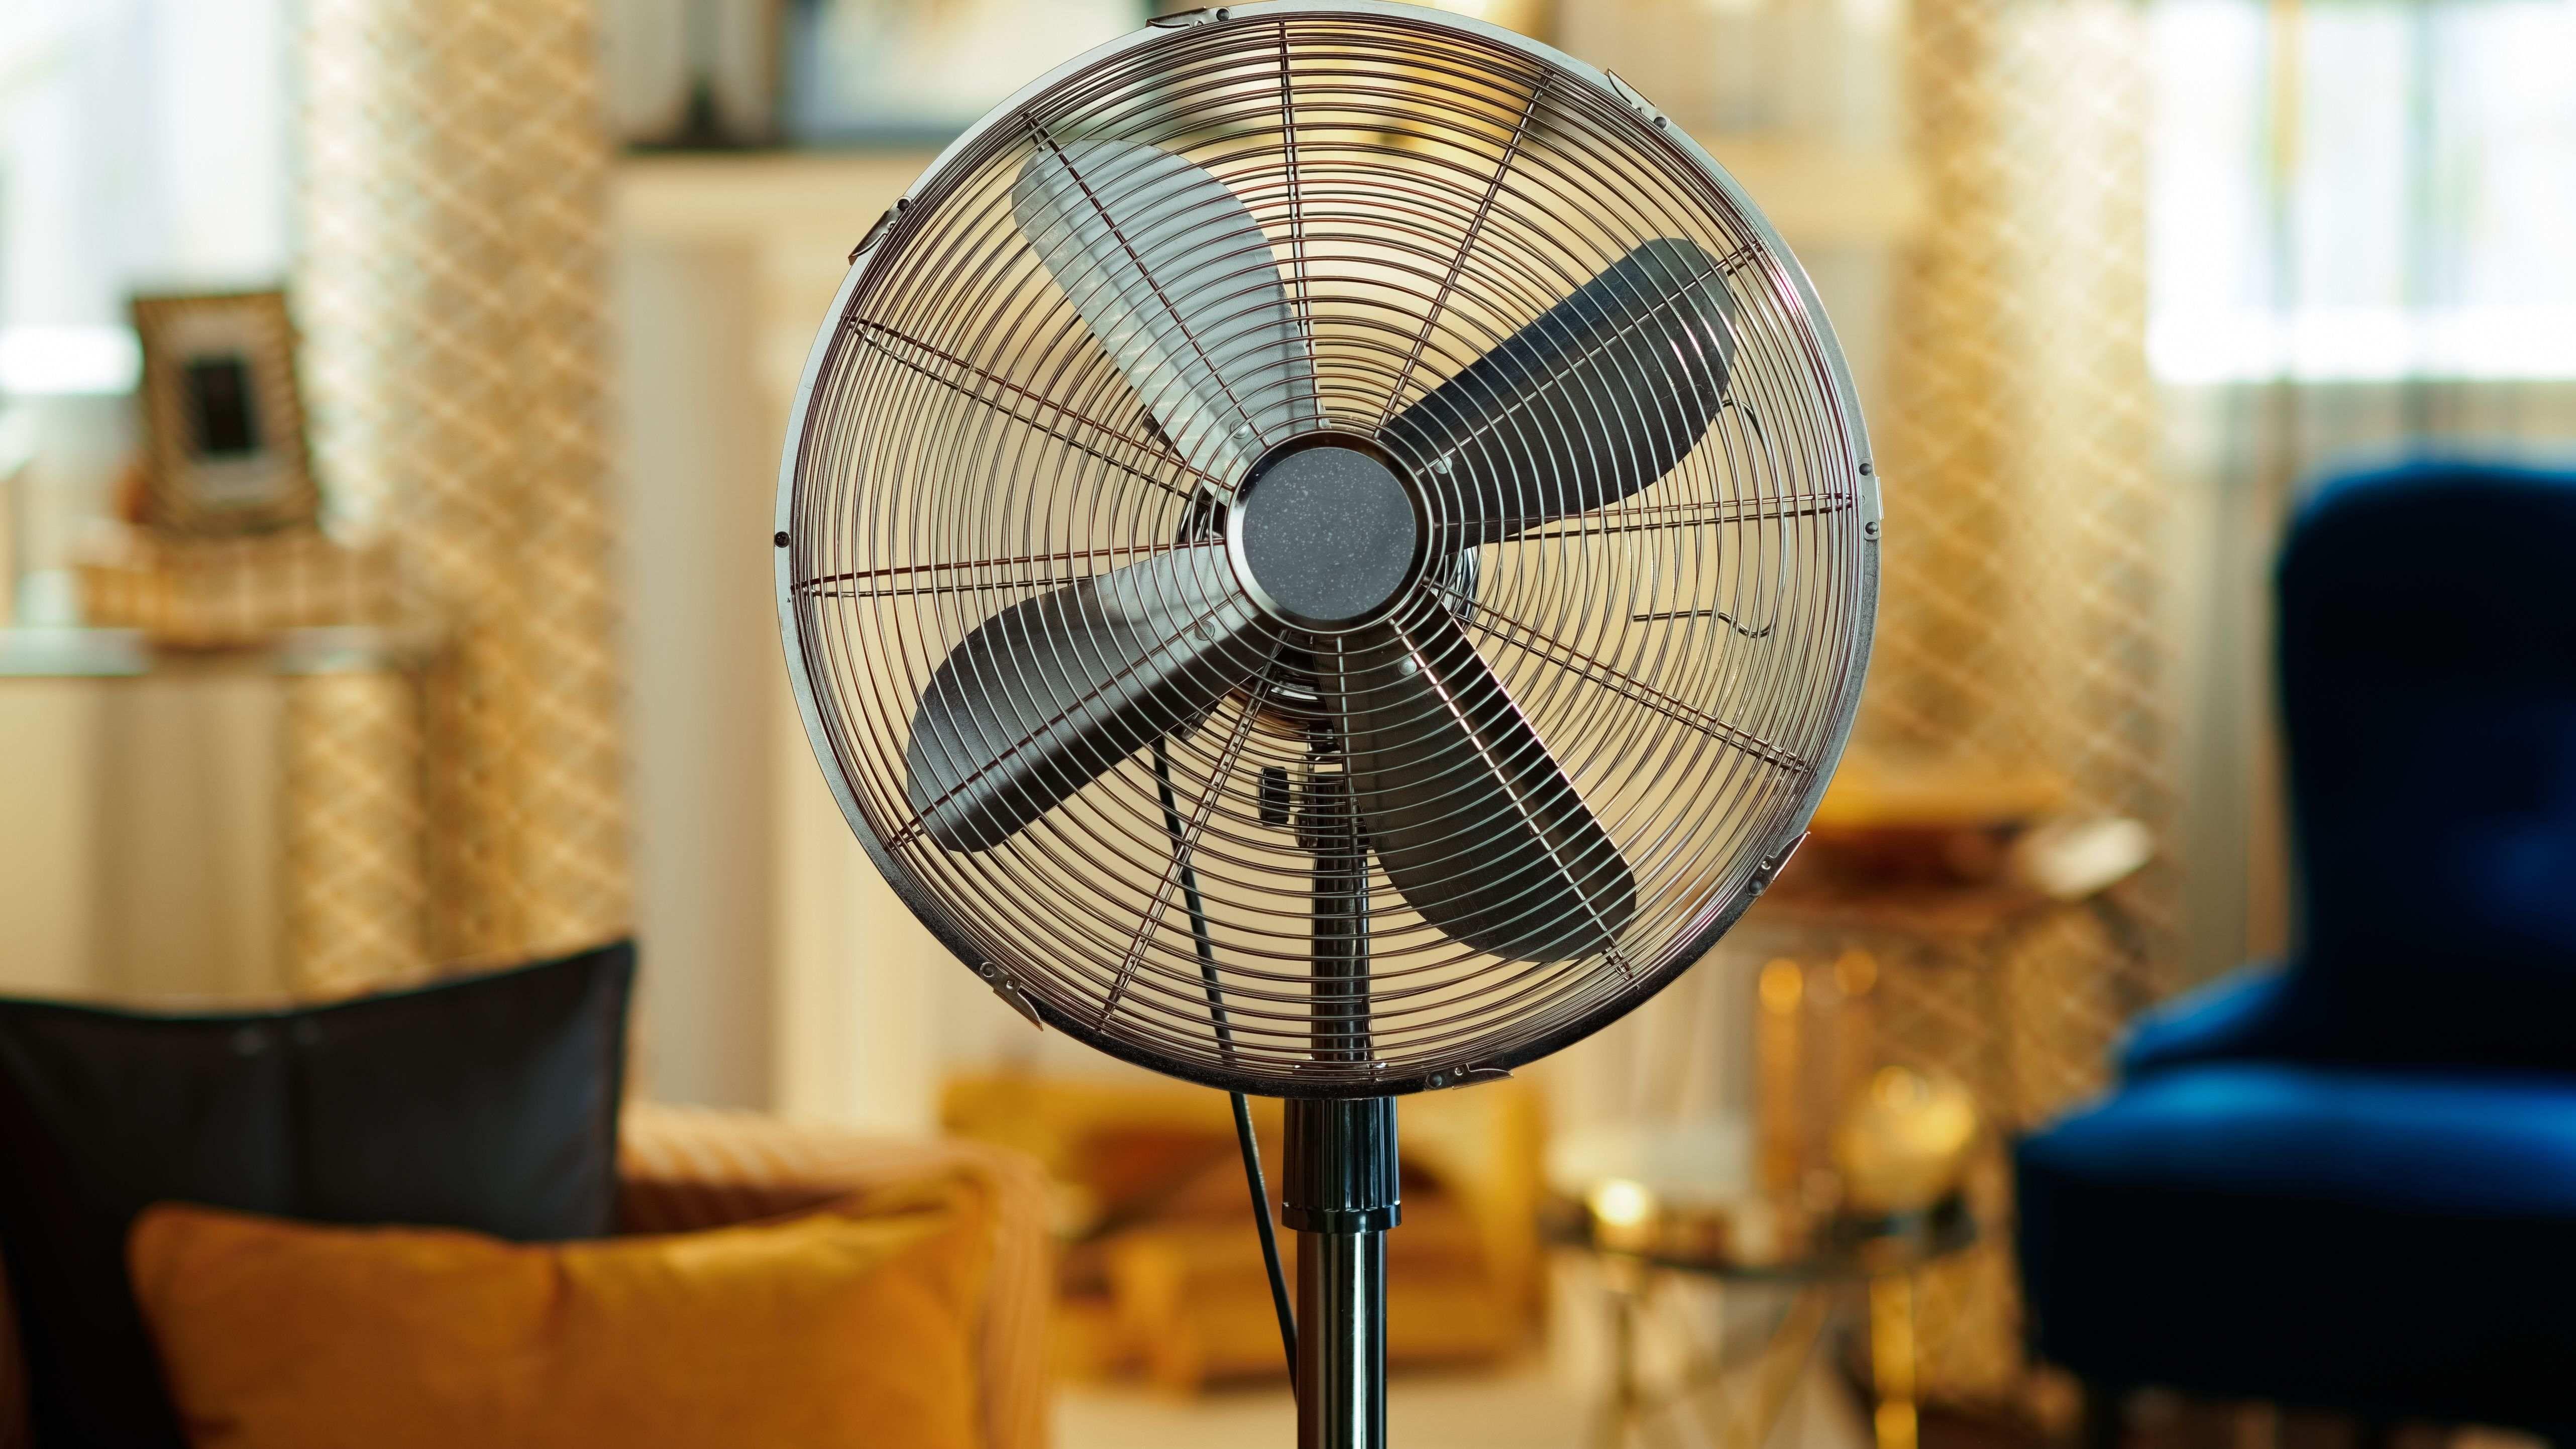 Comment choisir un ventilateur ?